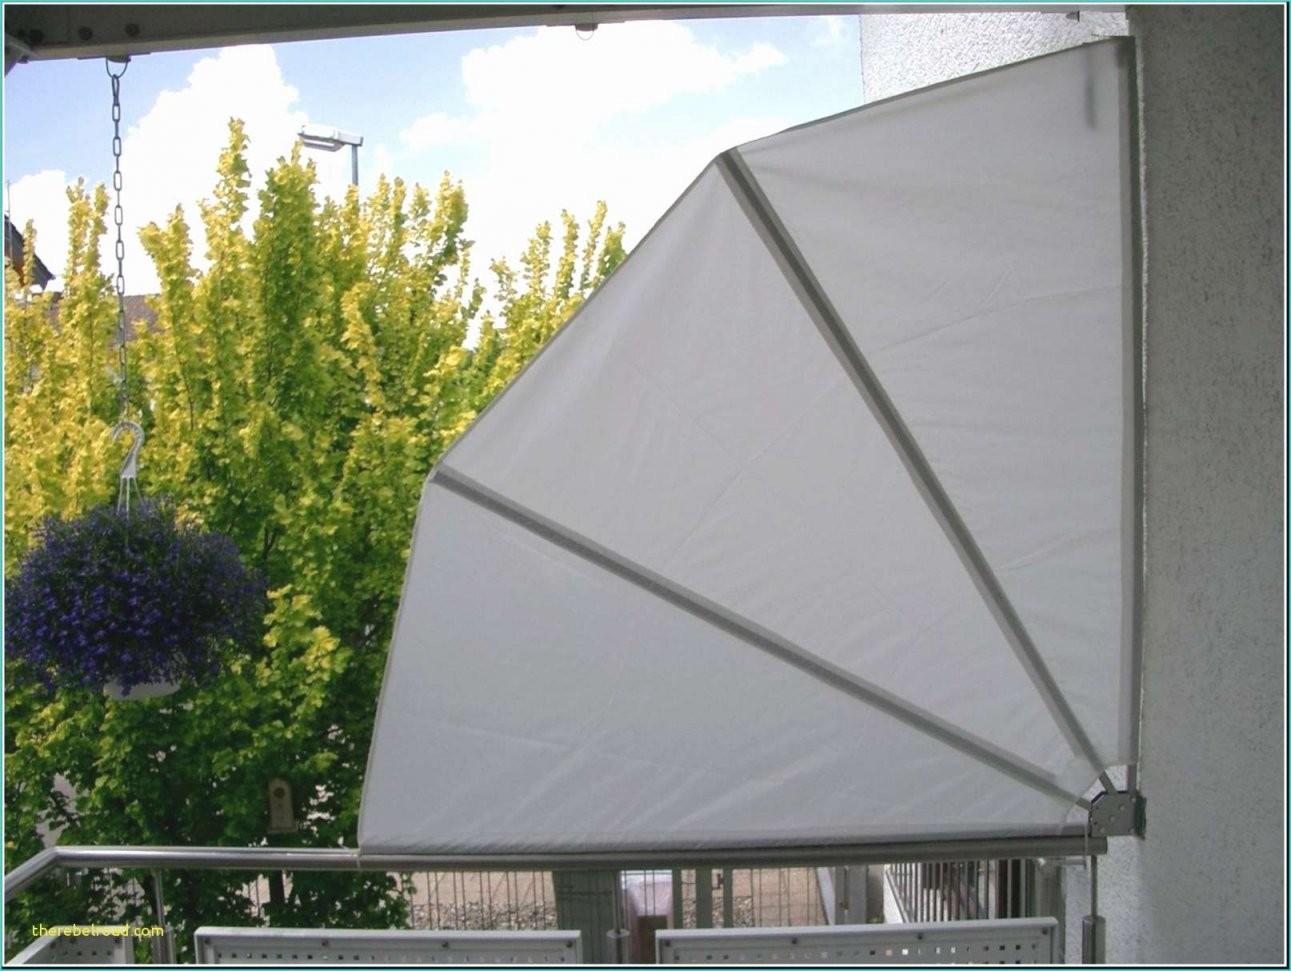 Balkon Markise Ohne Bohren Inspiration Von Sichtschutz Balkon Ohne von Sichtschutz Für Balkon Ohne Bohren Photo